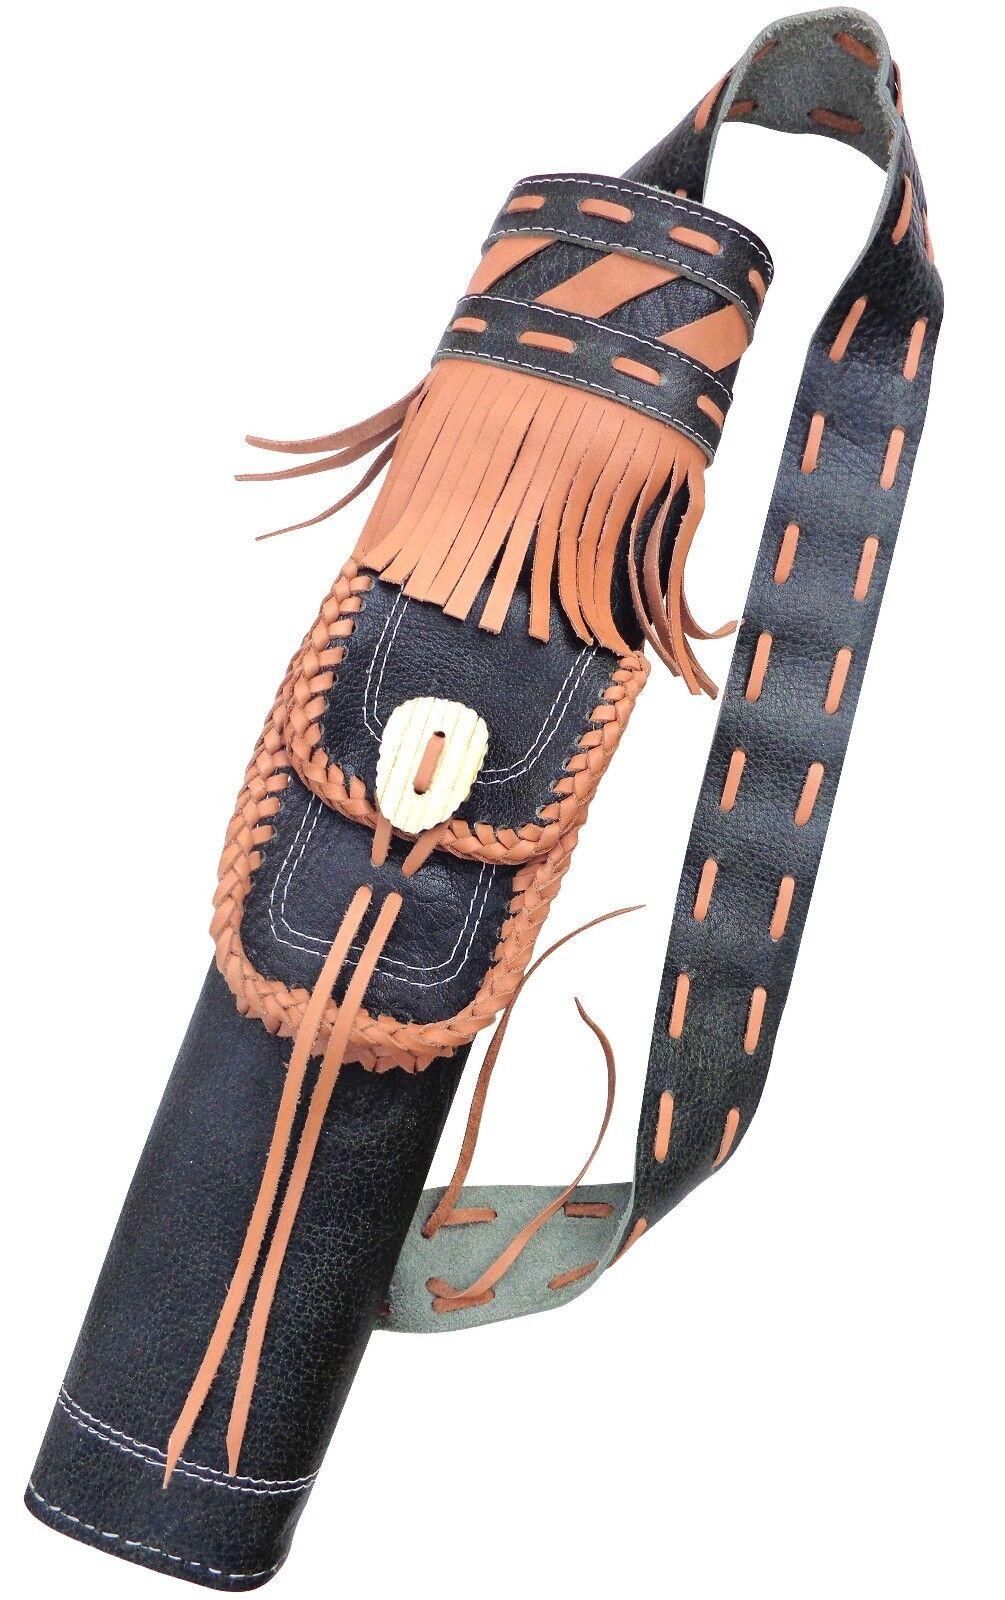 Objetivo de cuero fino antiguo hecho a mano de flecha atrás Aljaba tiro con arco Productos Aq -166